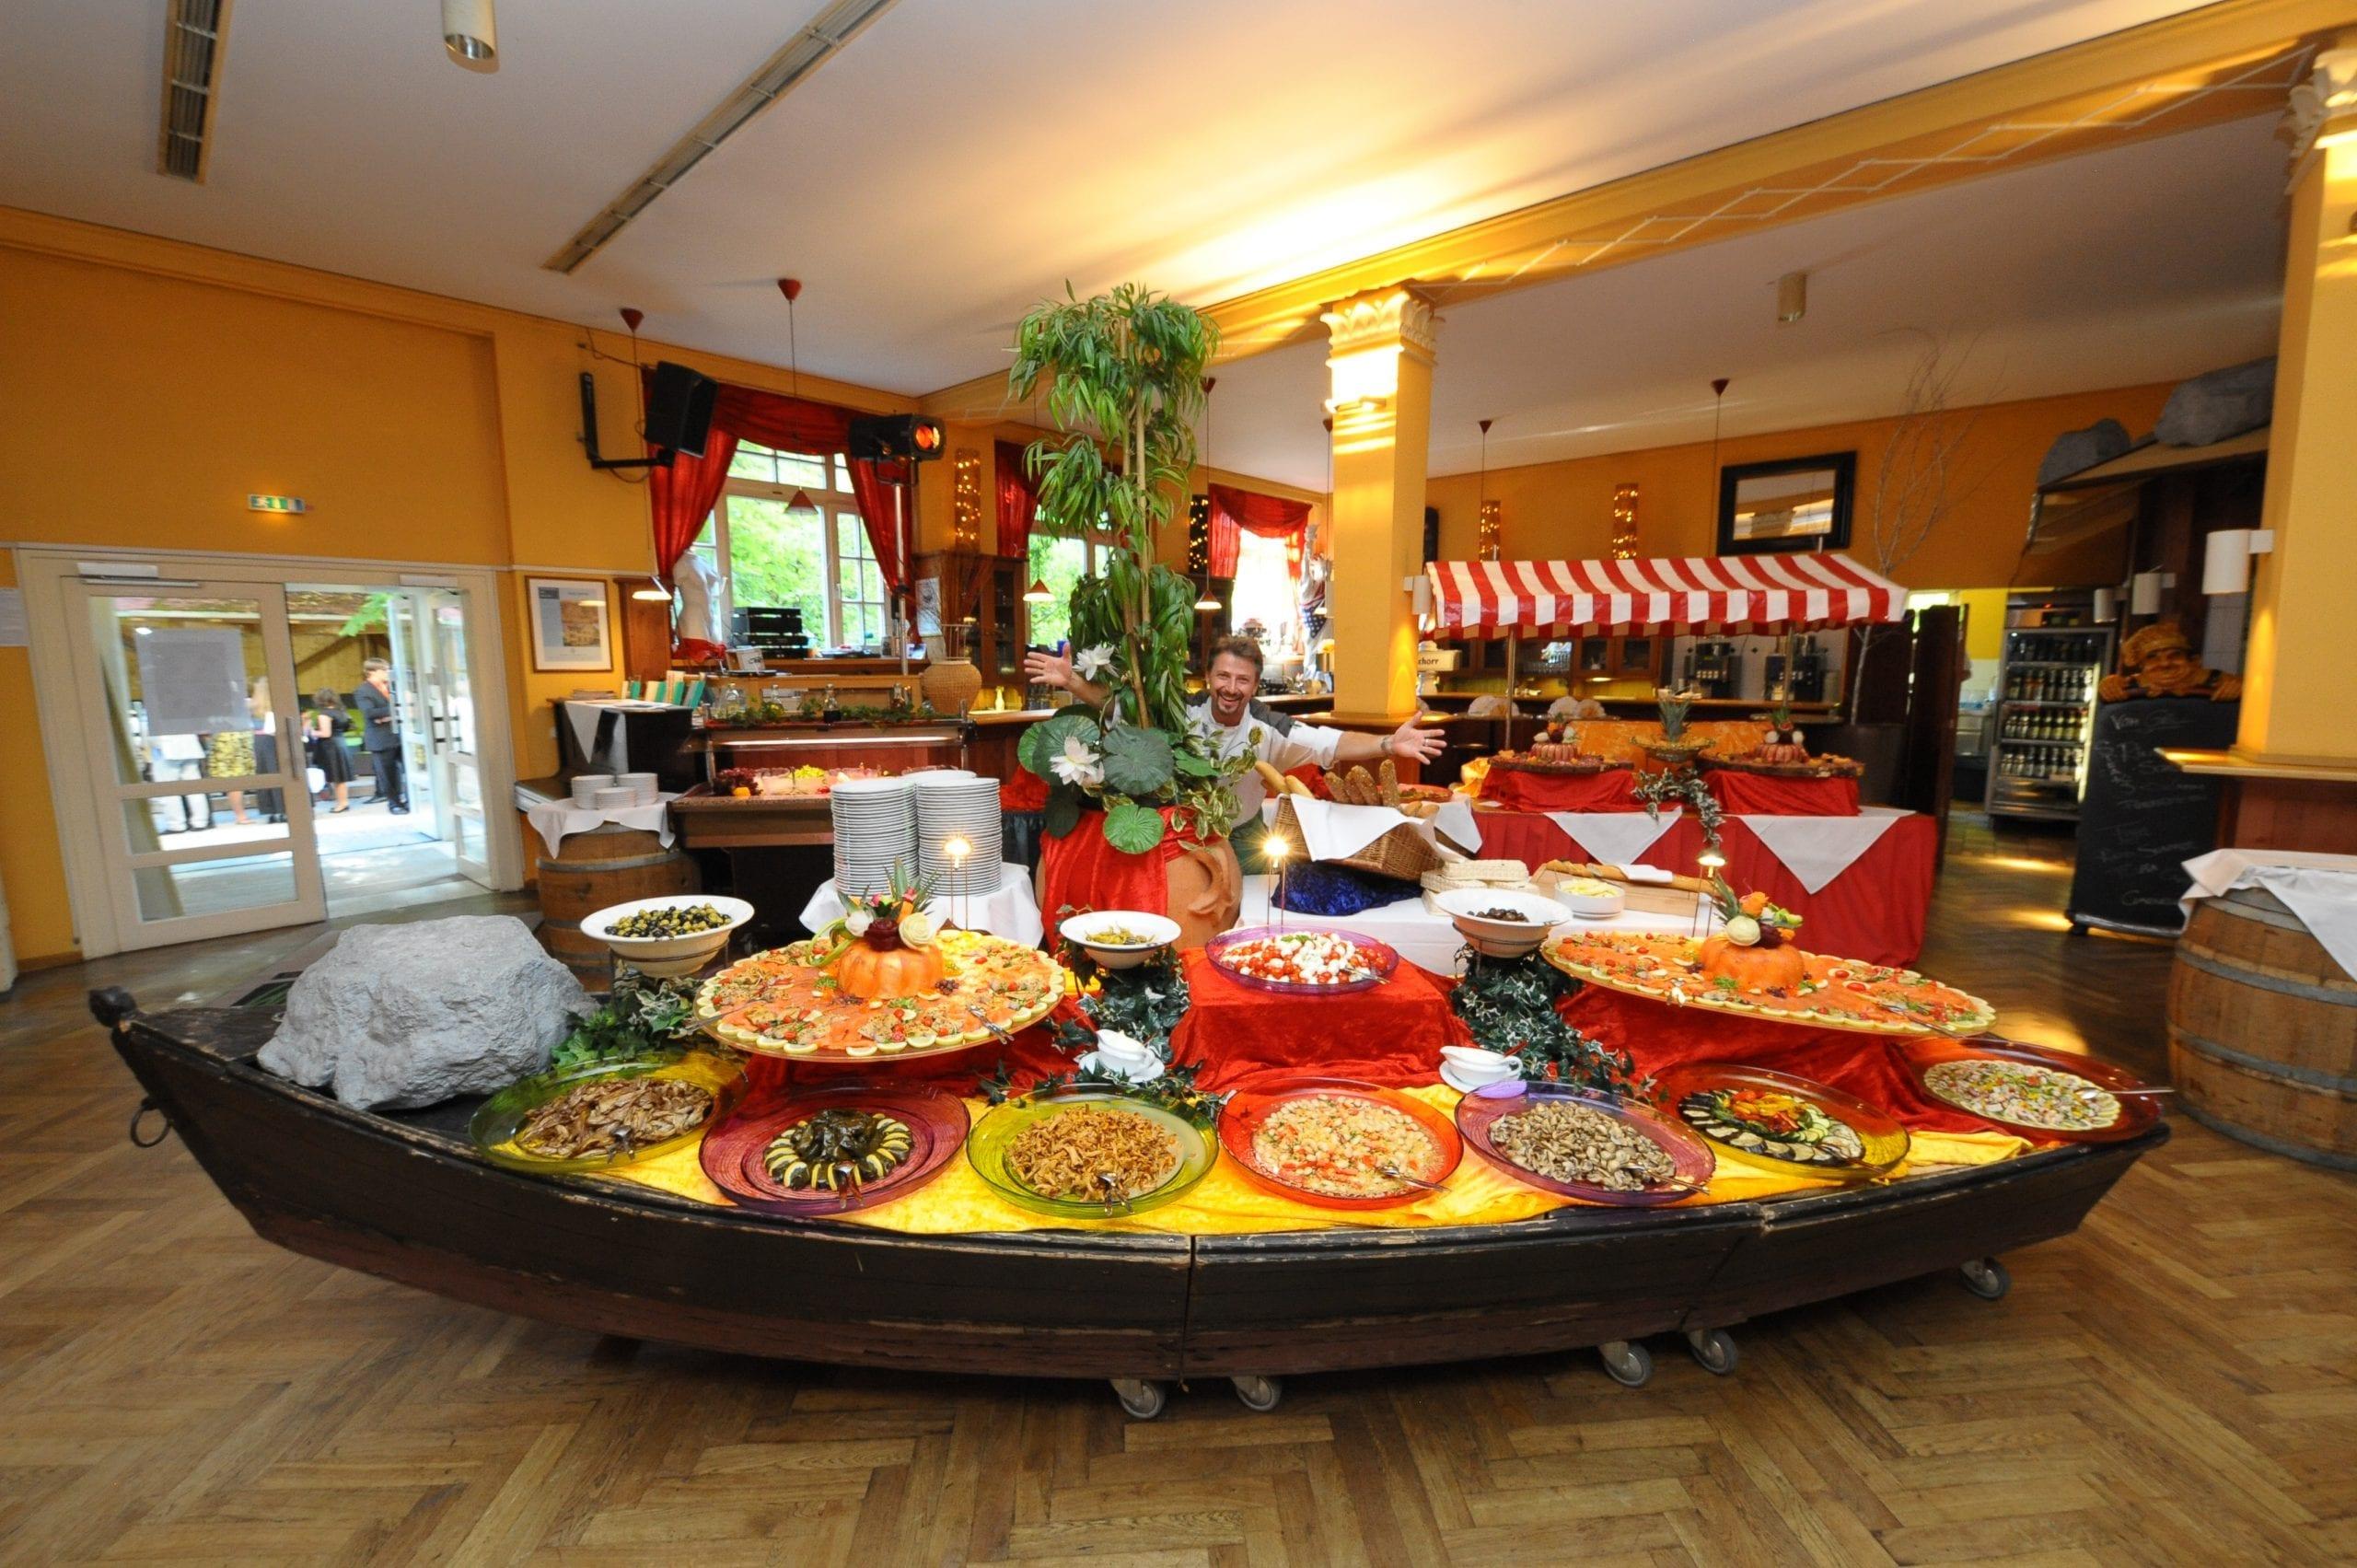 Kulturprogramm, Konzerte, kombiniert mit leckeren Speisekonzepten - das Waldheim in München